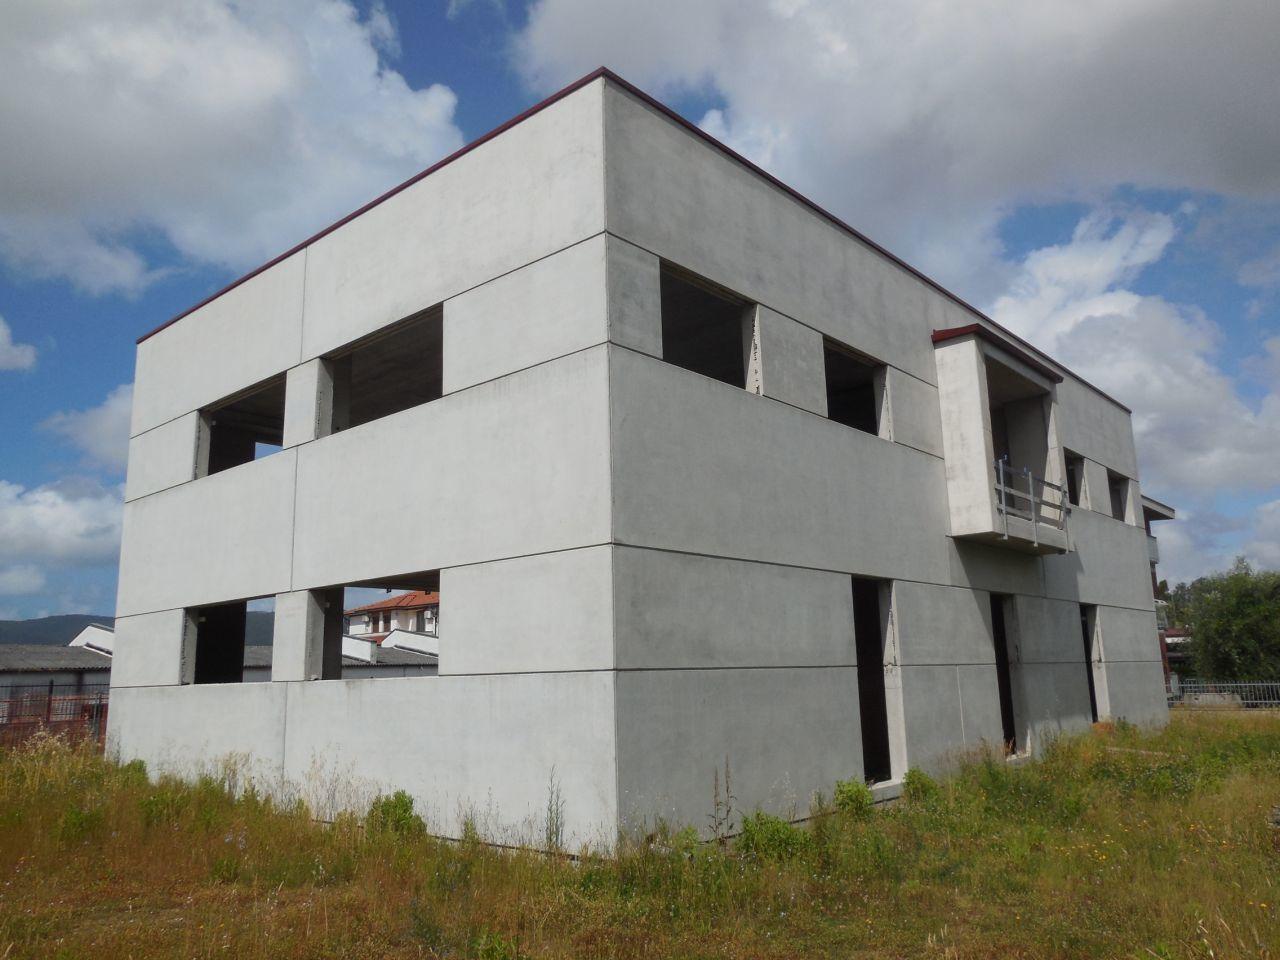 Locali e fondi commerciali - Fondo commerciale a Castelnuovo Magra